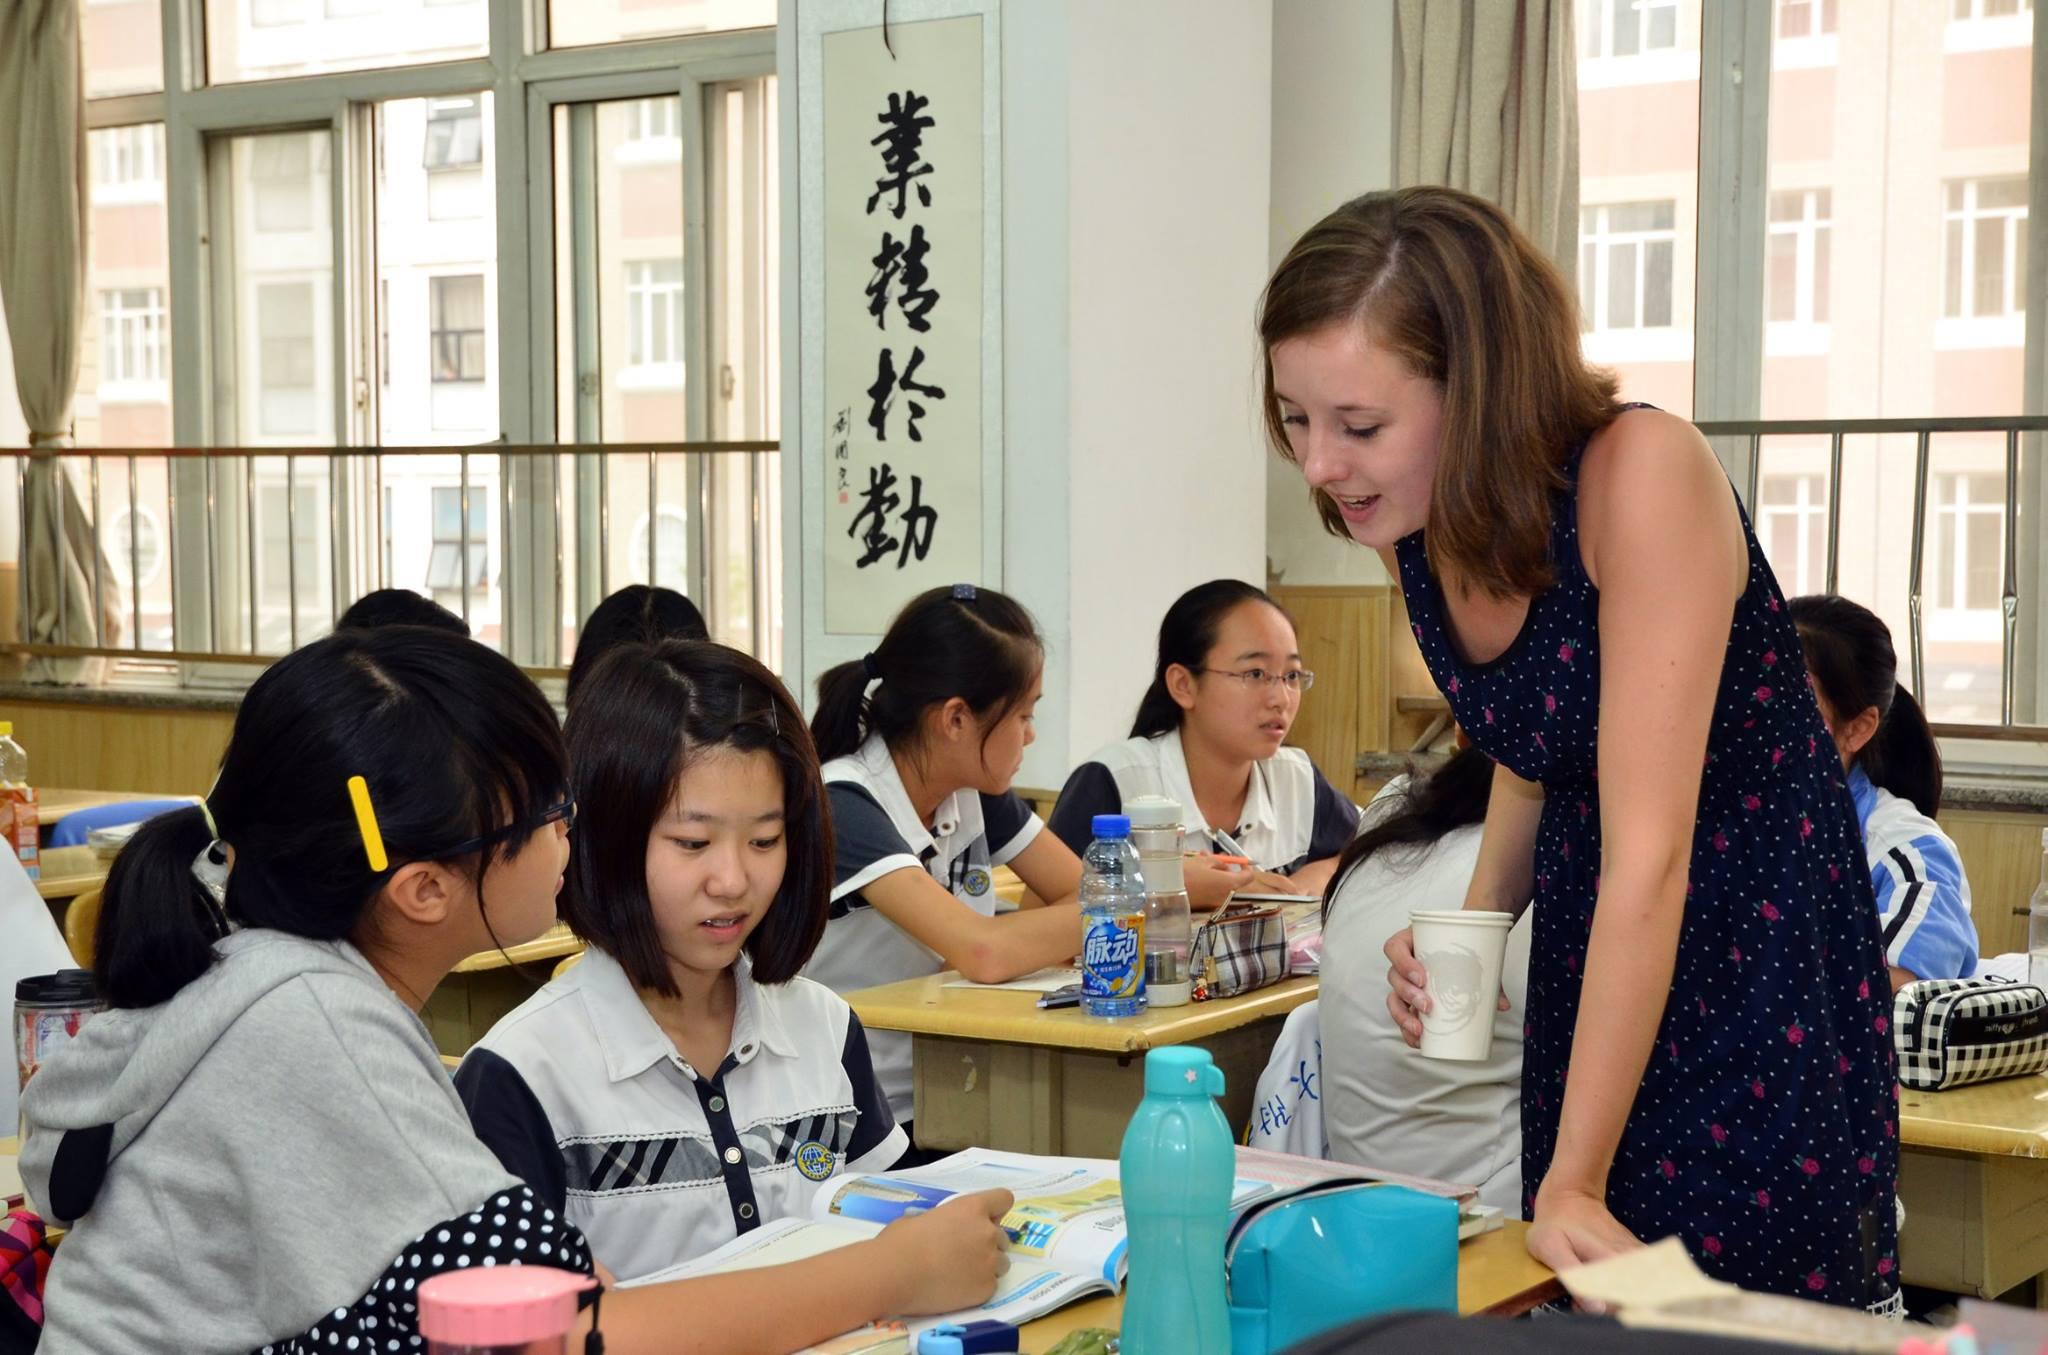 Chloe in action teaching in Tianjin, China.